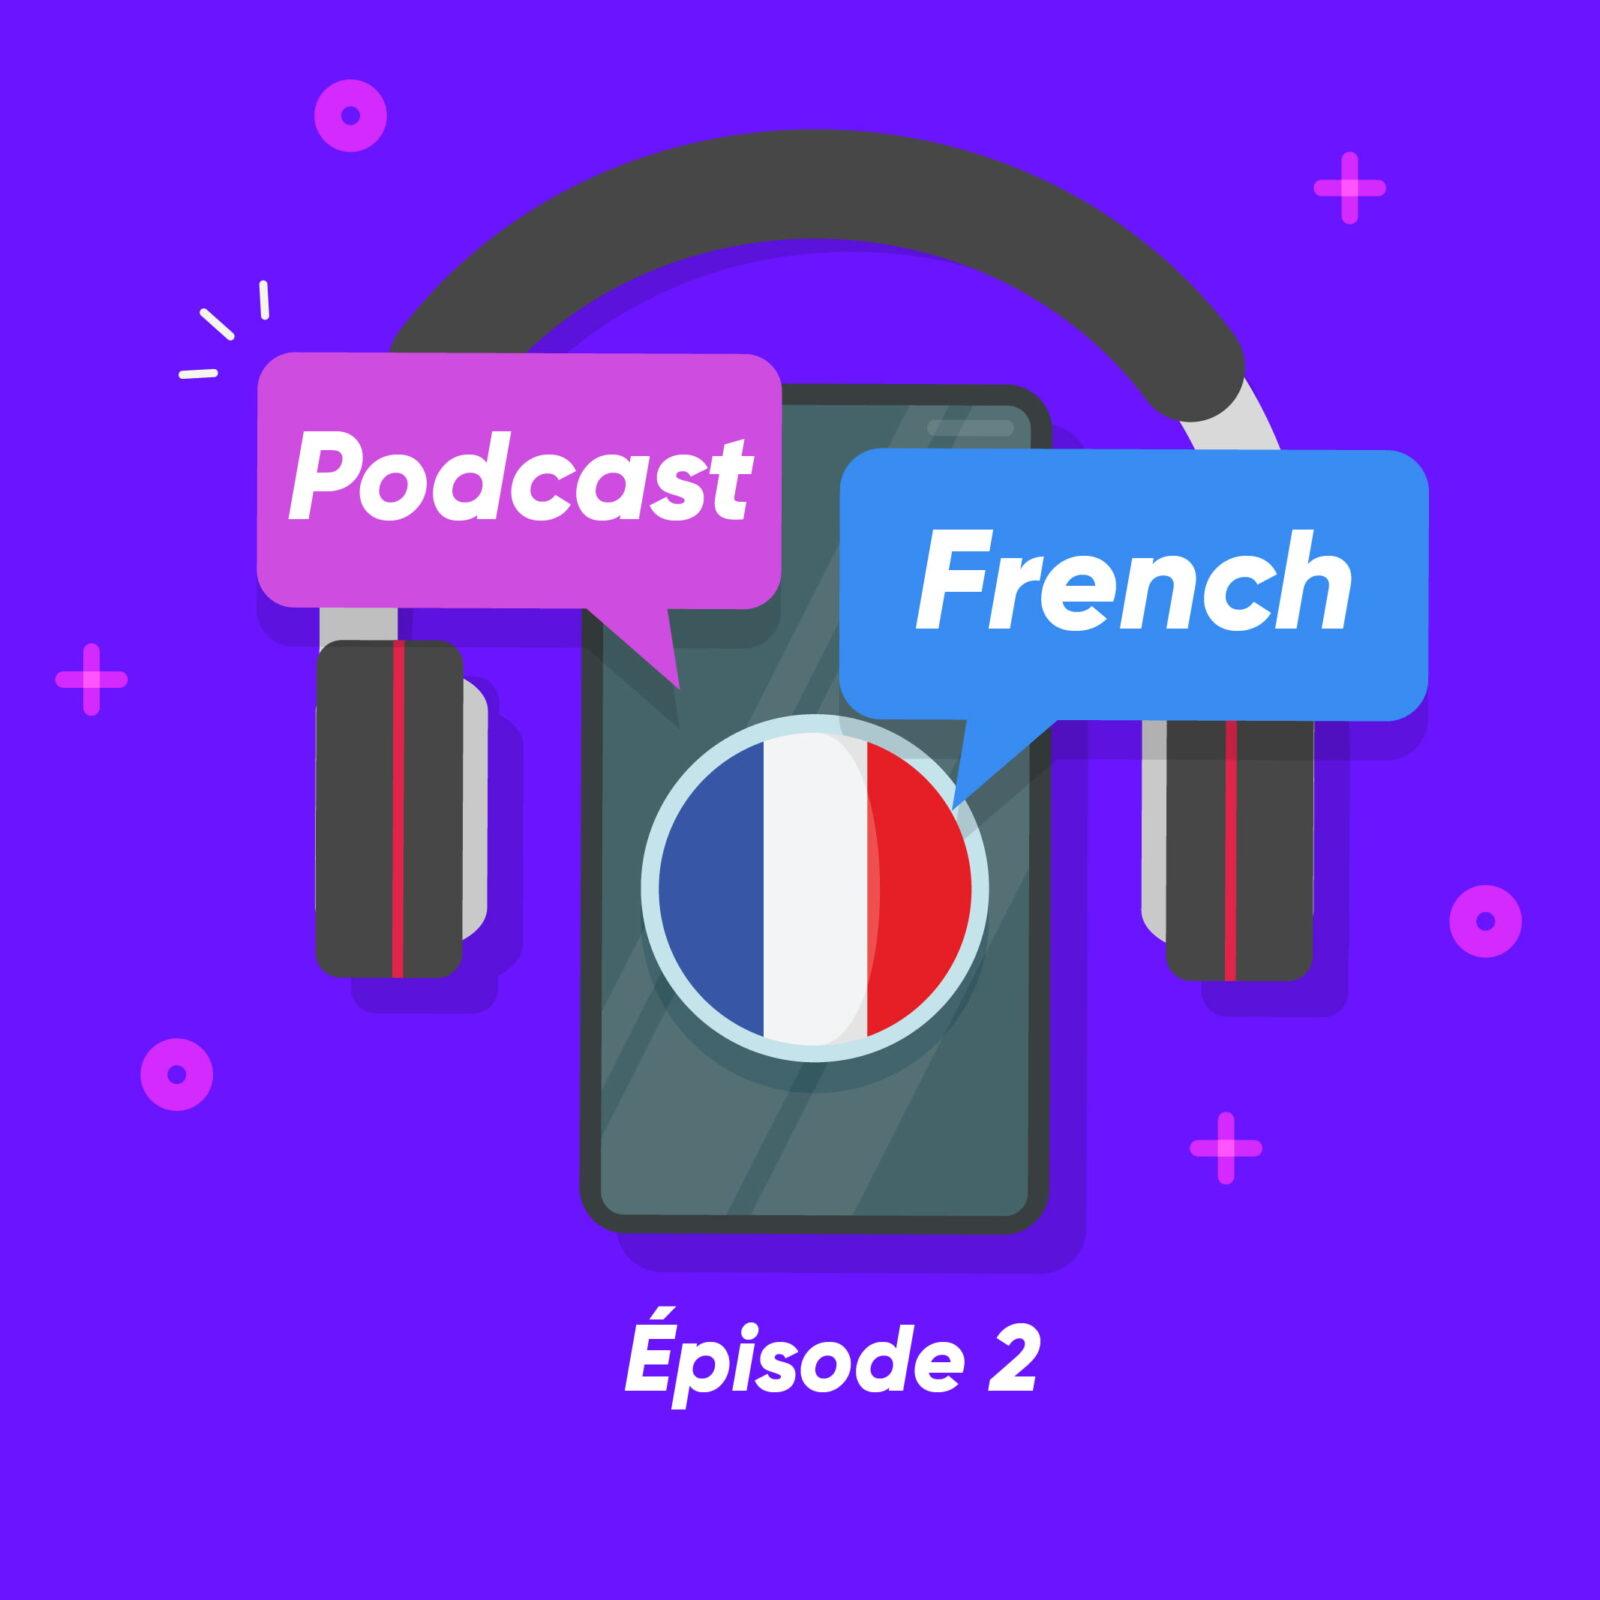 پادکست فرانسه شماره 2